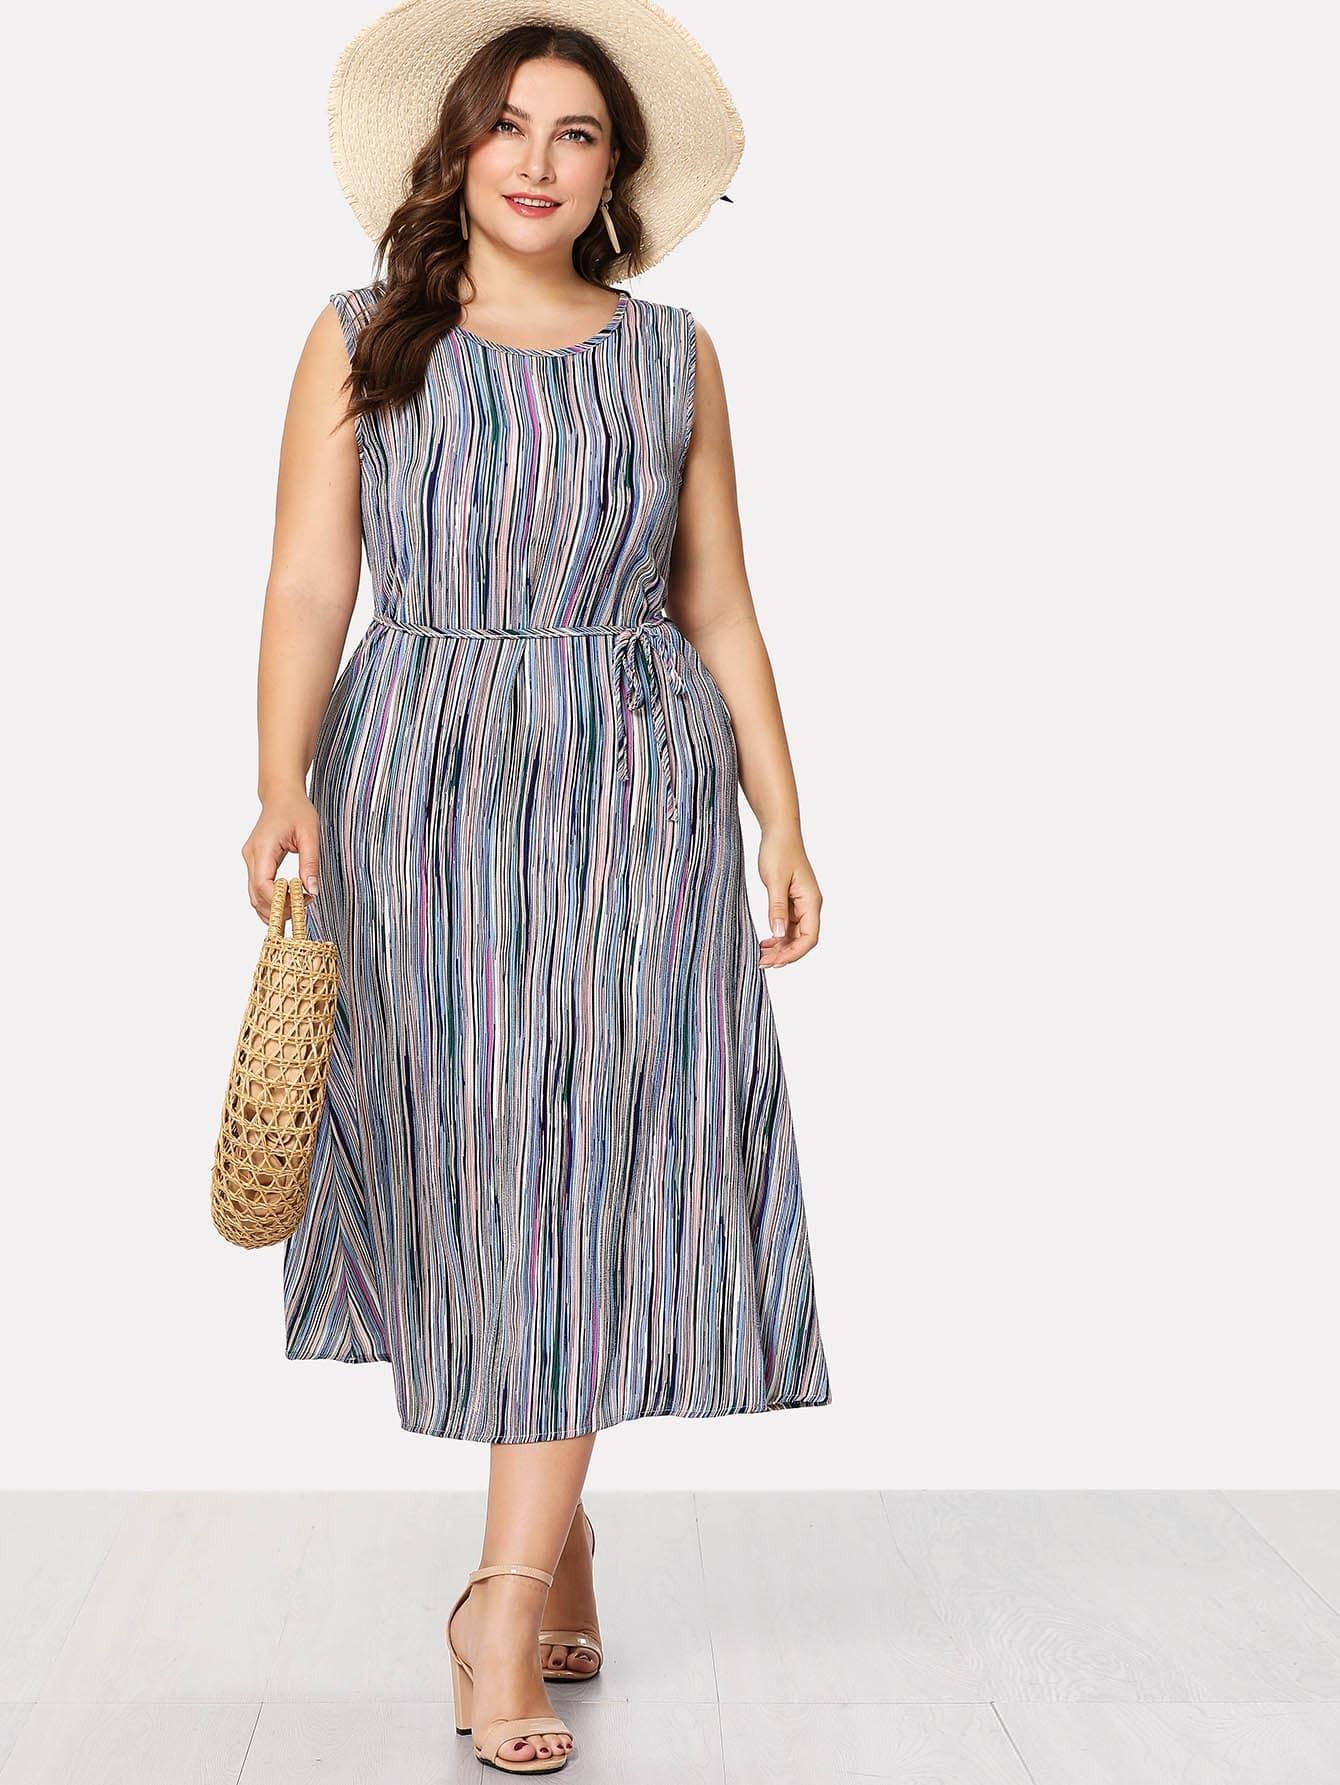 Self Tie Waist Striped Dress